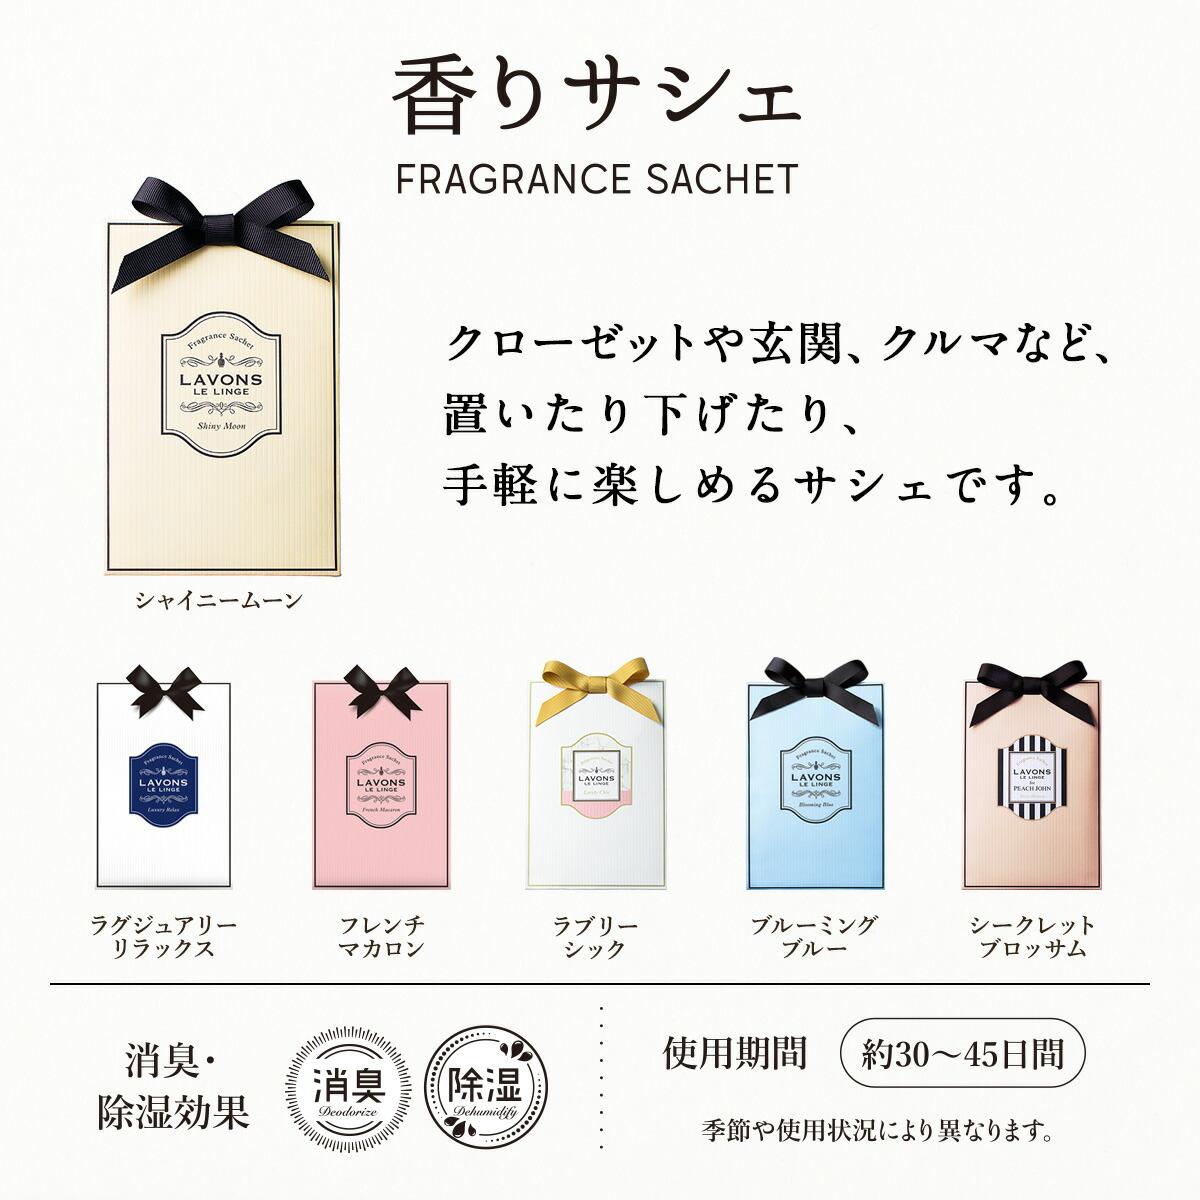 ネイチャーラボ公式:ラボン 香りサシェ (香り袋) シャイニームーン 20g・イメージ写真3